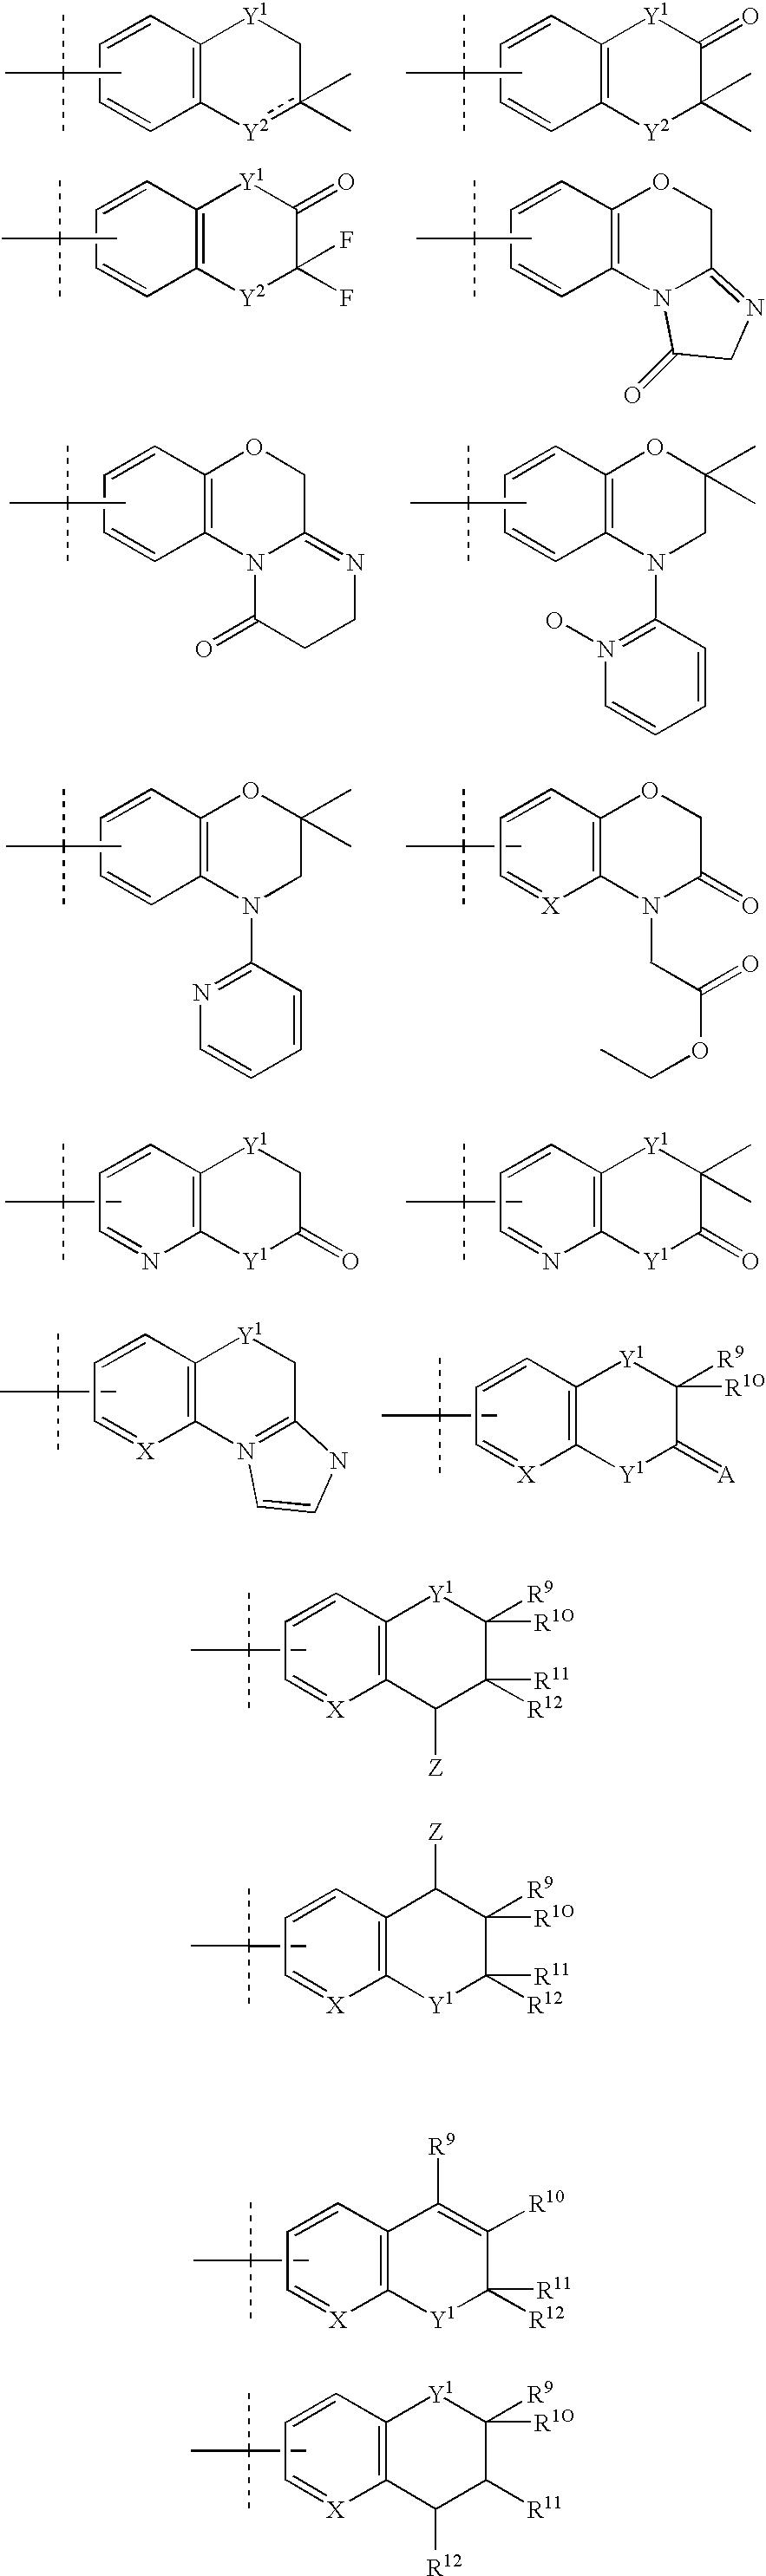 Figure US07485724-20090203-C00015